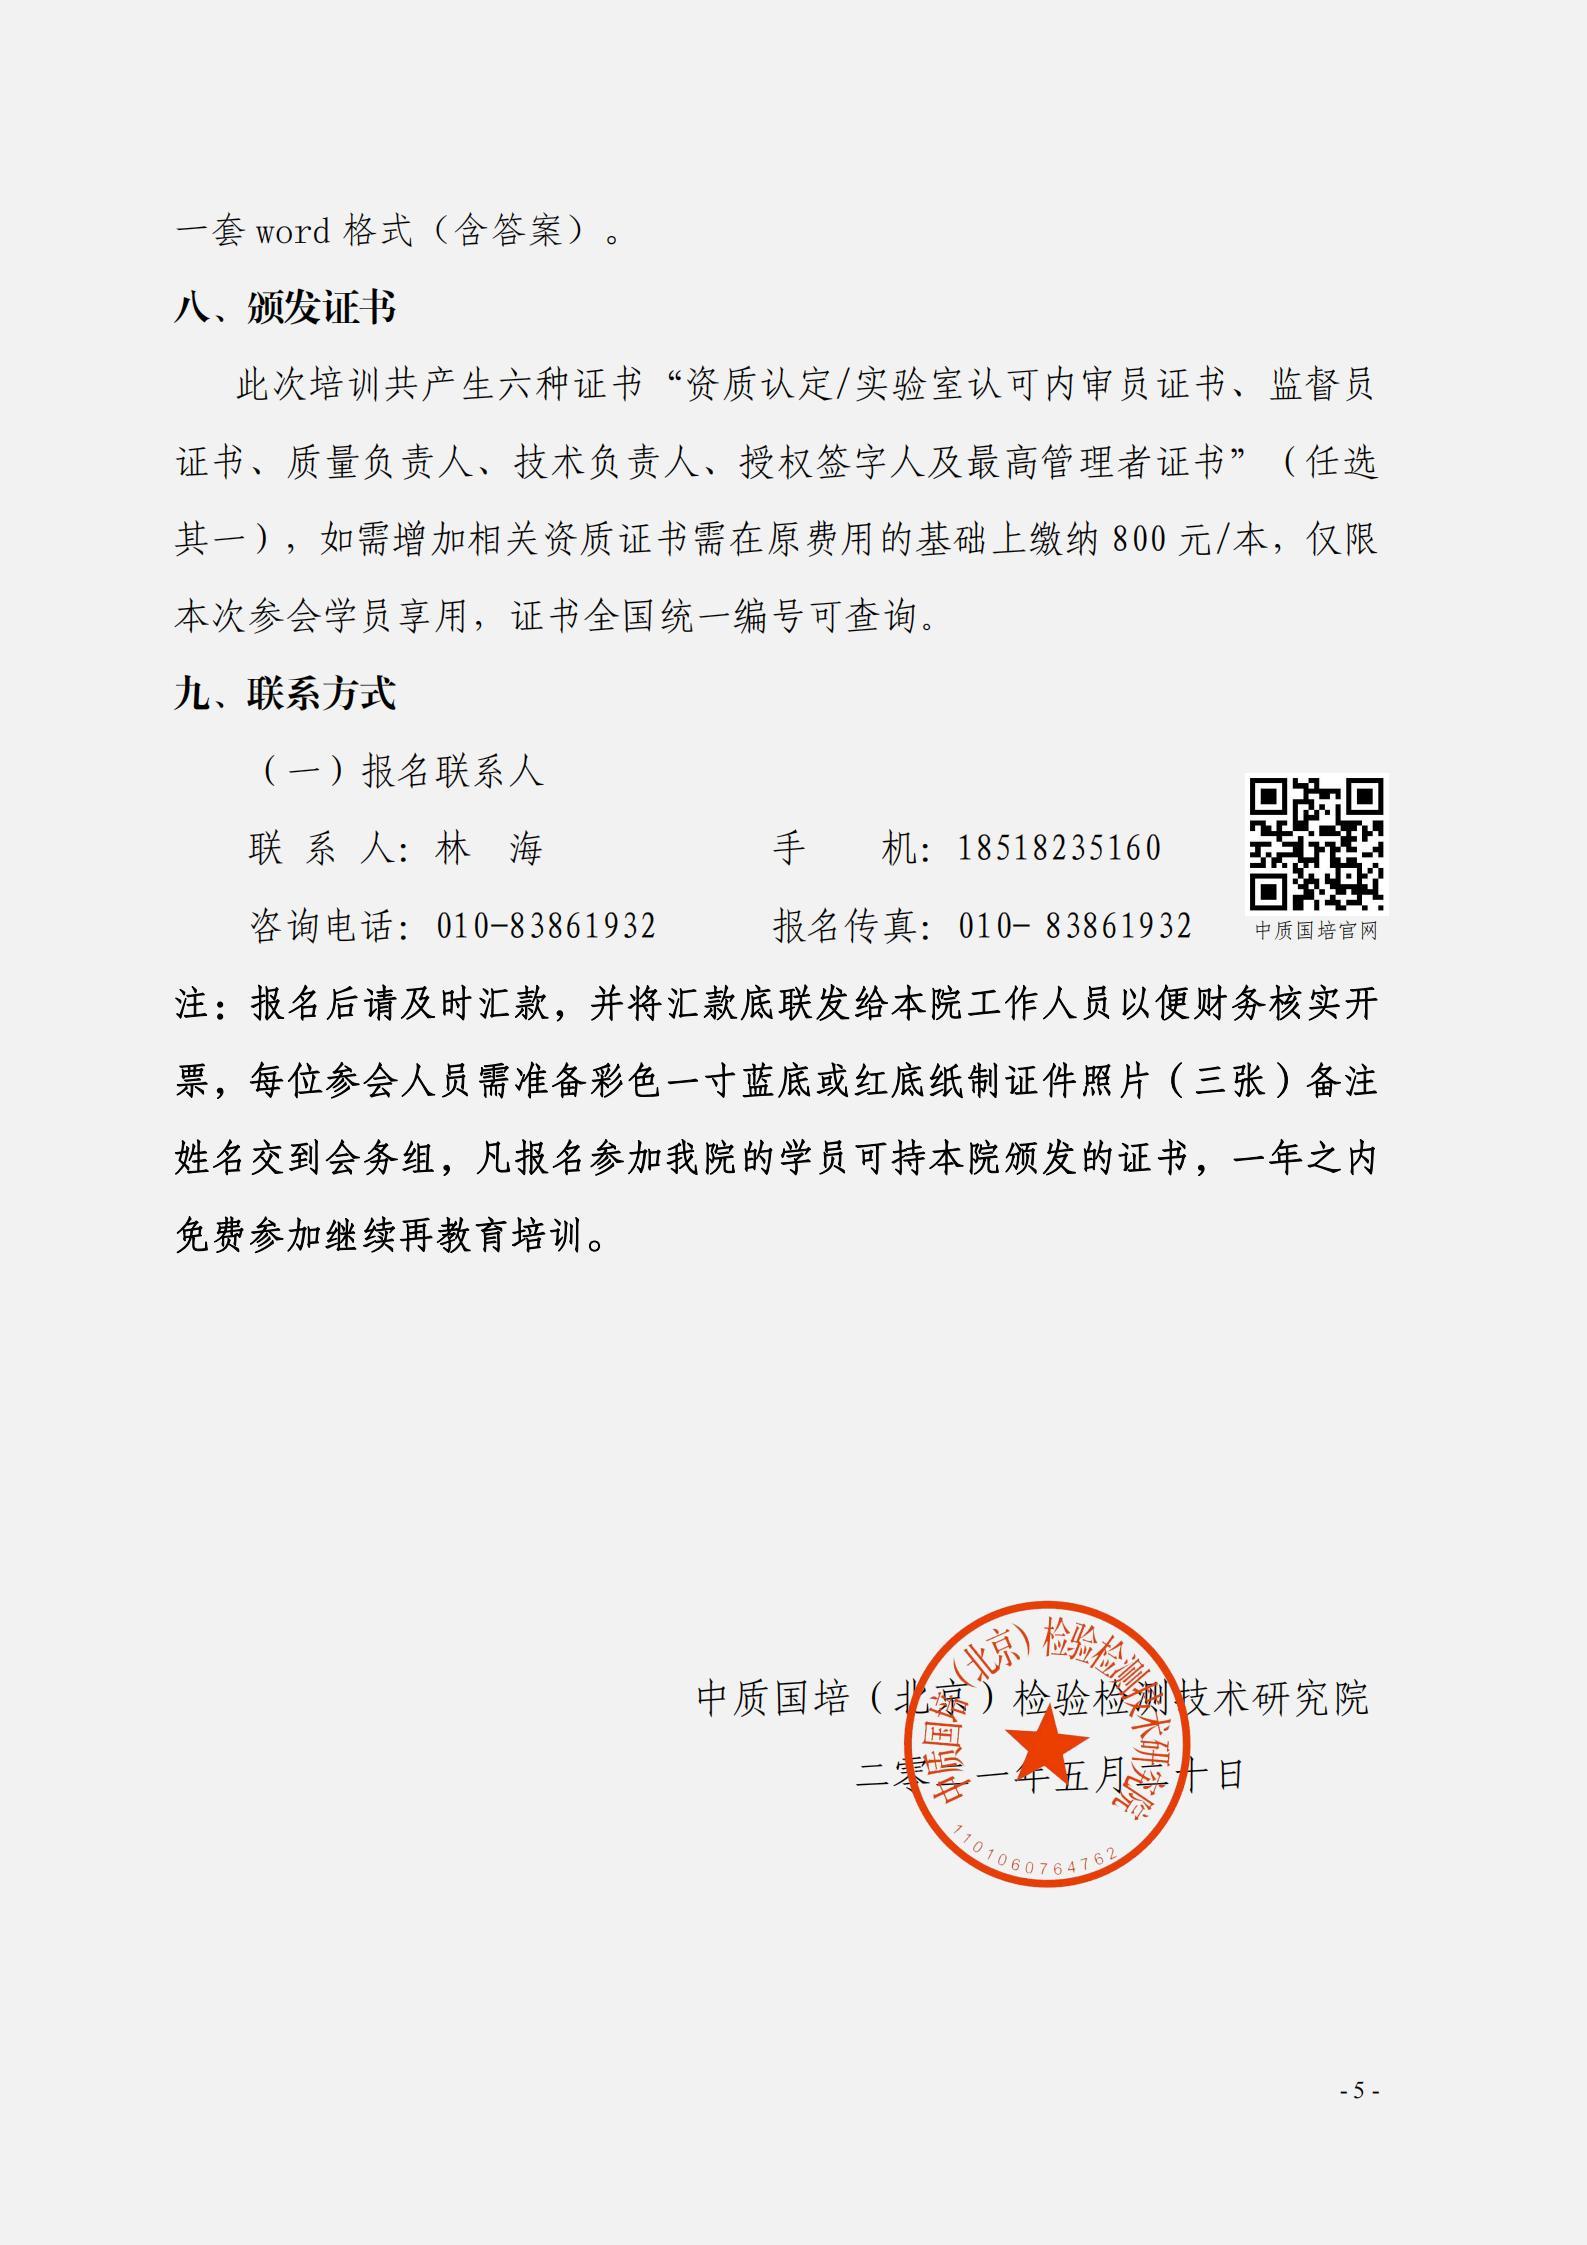 2021年6-8月份现场解读《检验检测机构资质认定管理办法》163号令_04.jpg